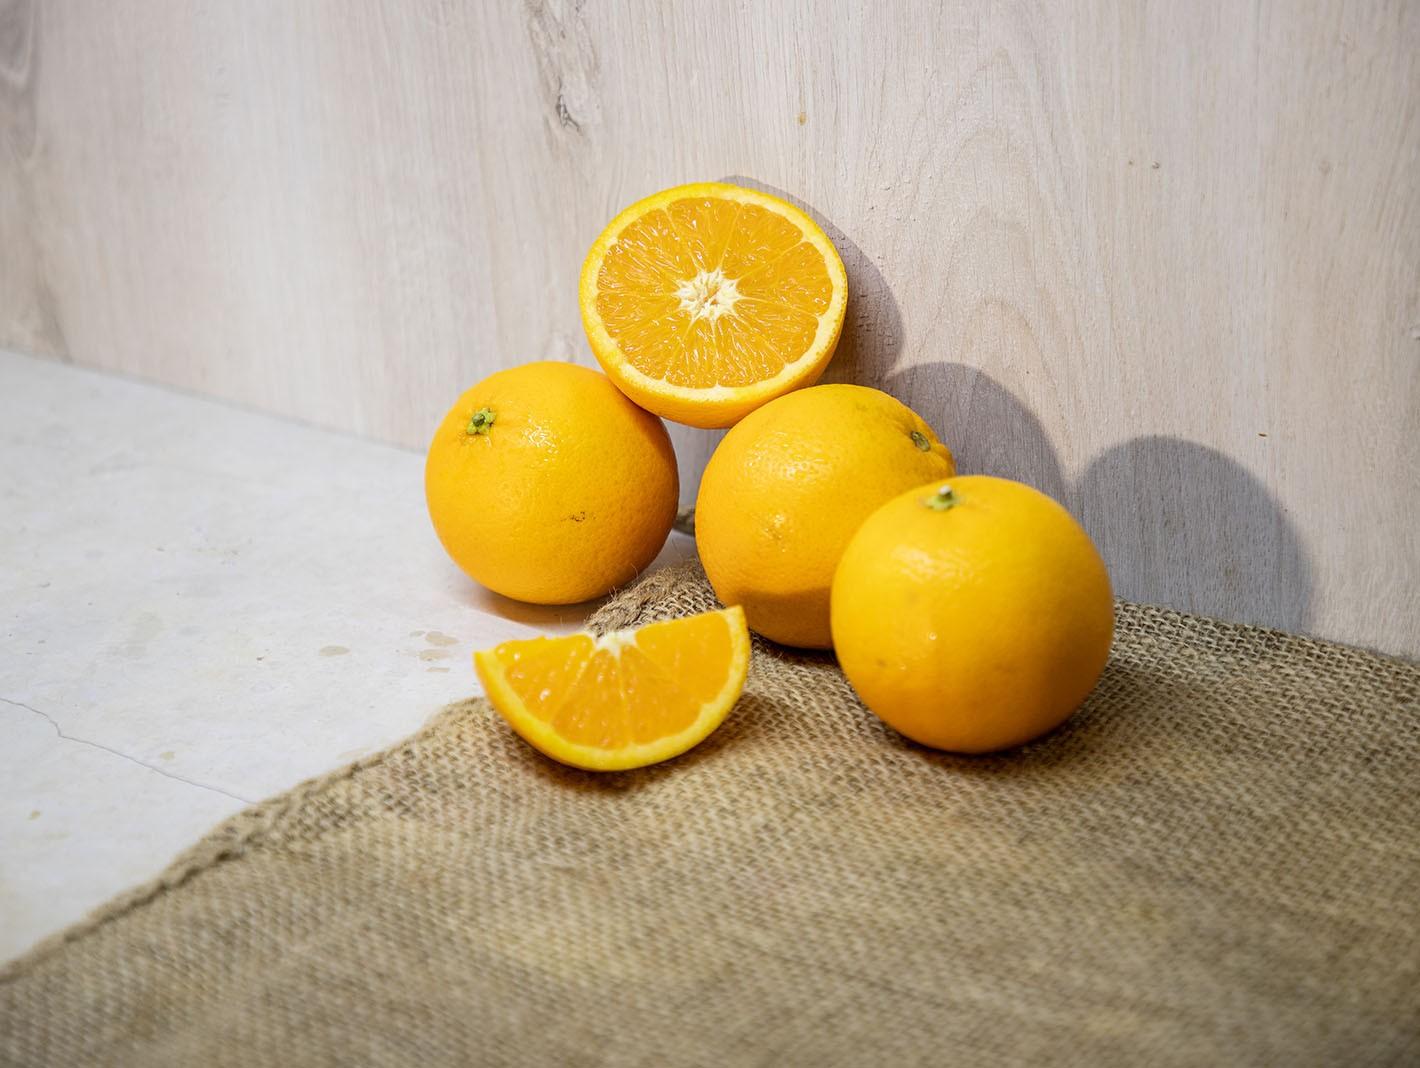 Oranfrutta Valencia Oranges for fresh-squeezed juice